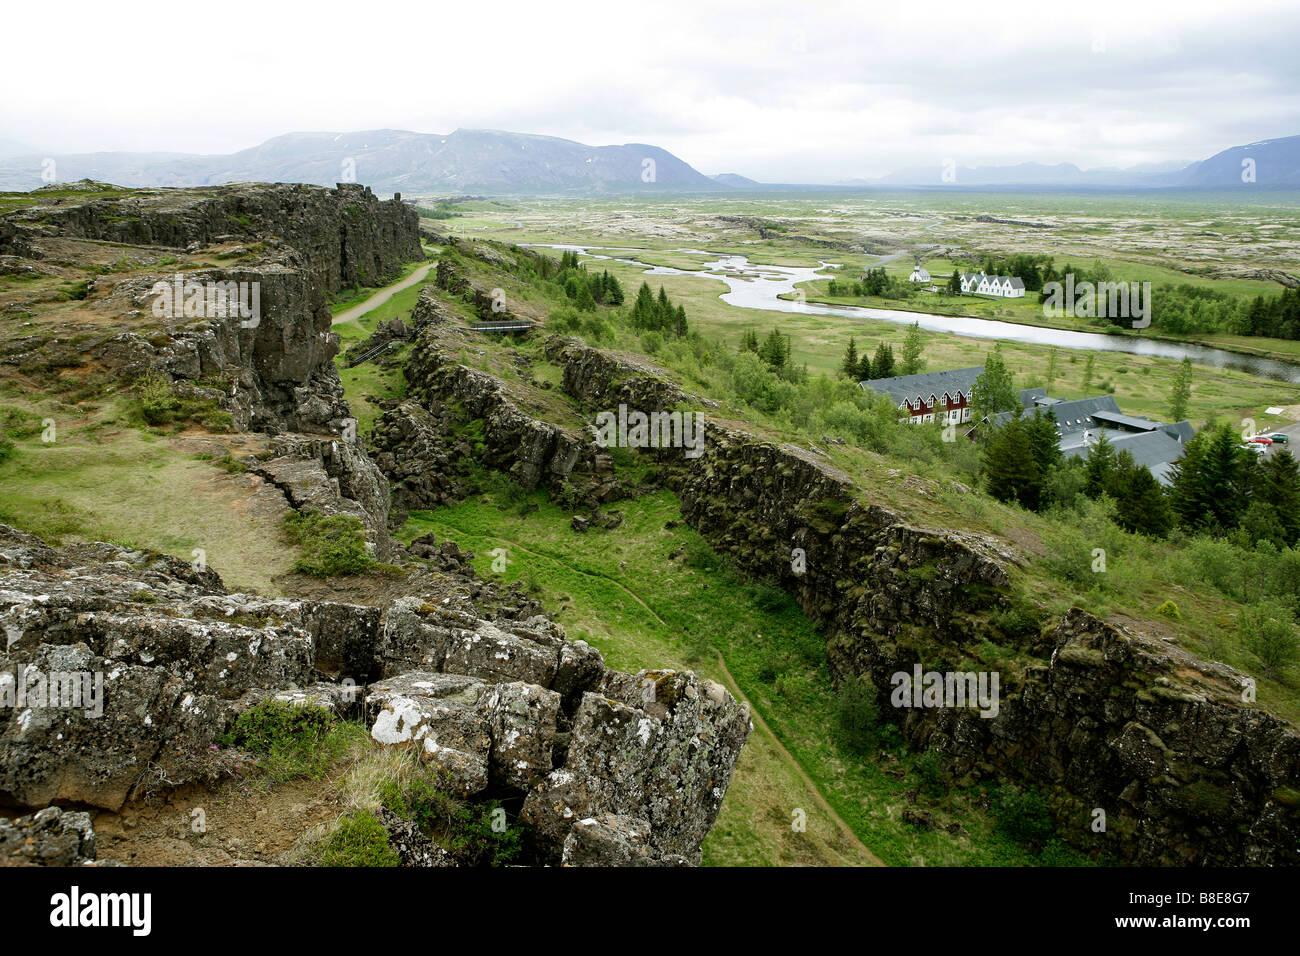 Almannagja fissure, Mid-Atlantic Ridge, Thingvellir National Park, Iceland - Stock Image